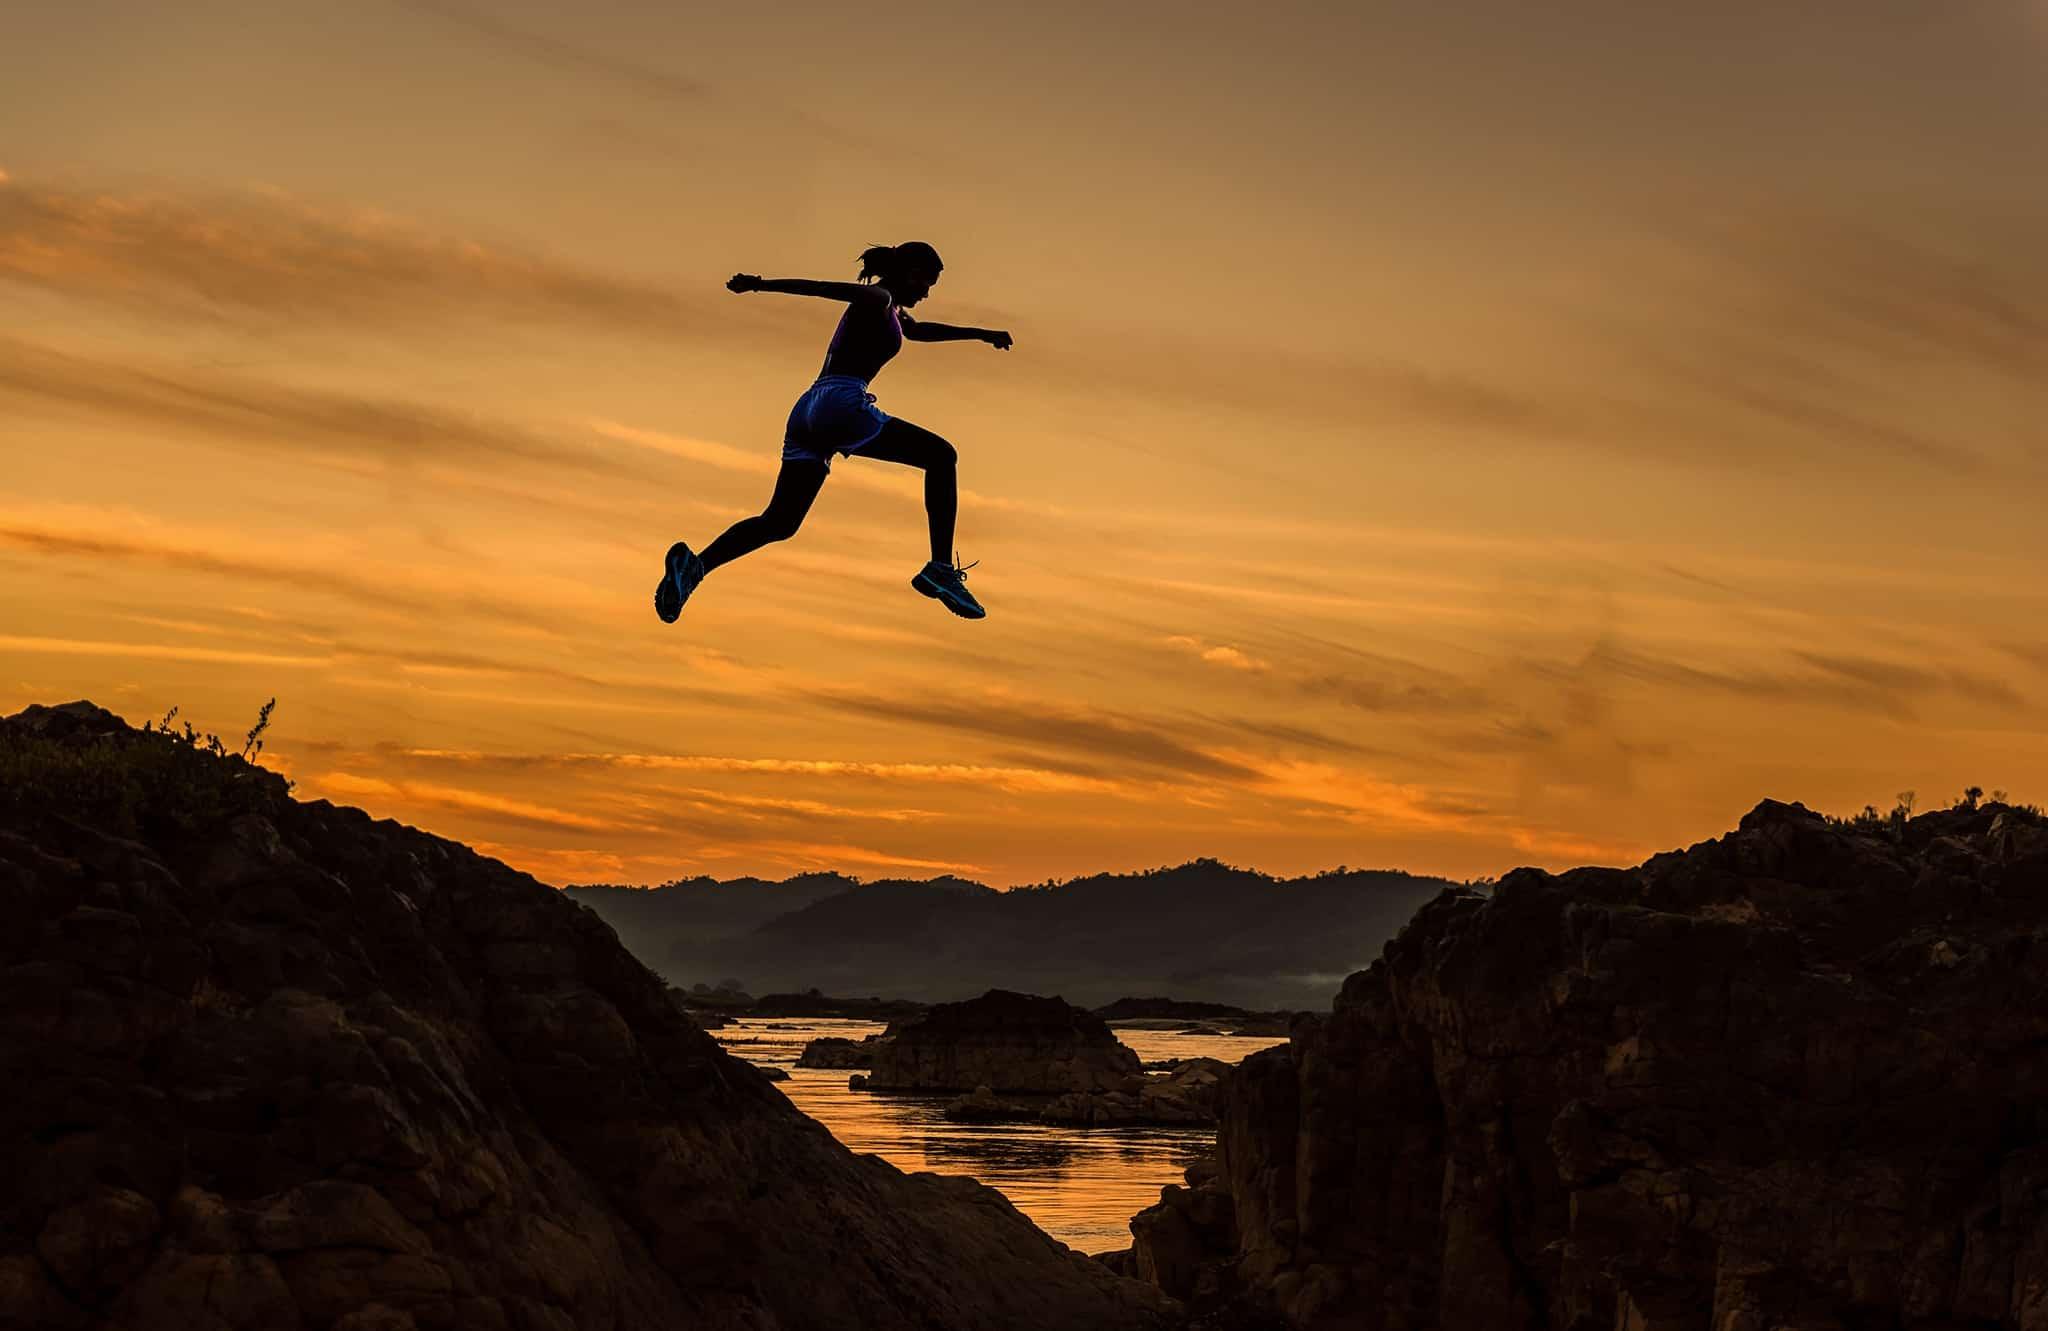 夕暮れの谷を飛び越える女性